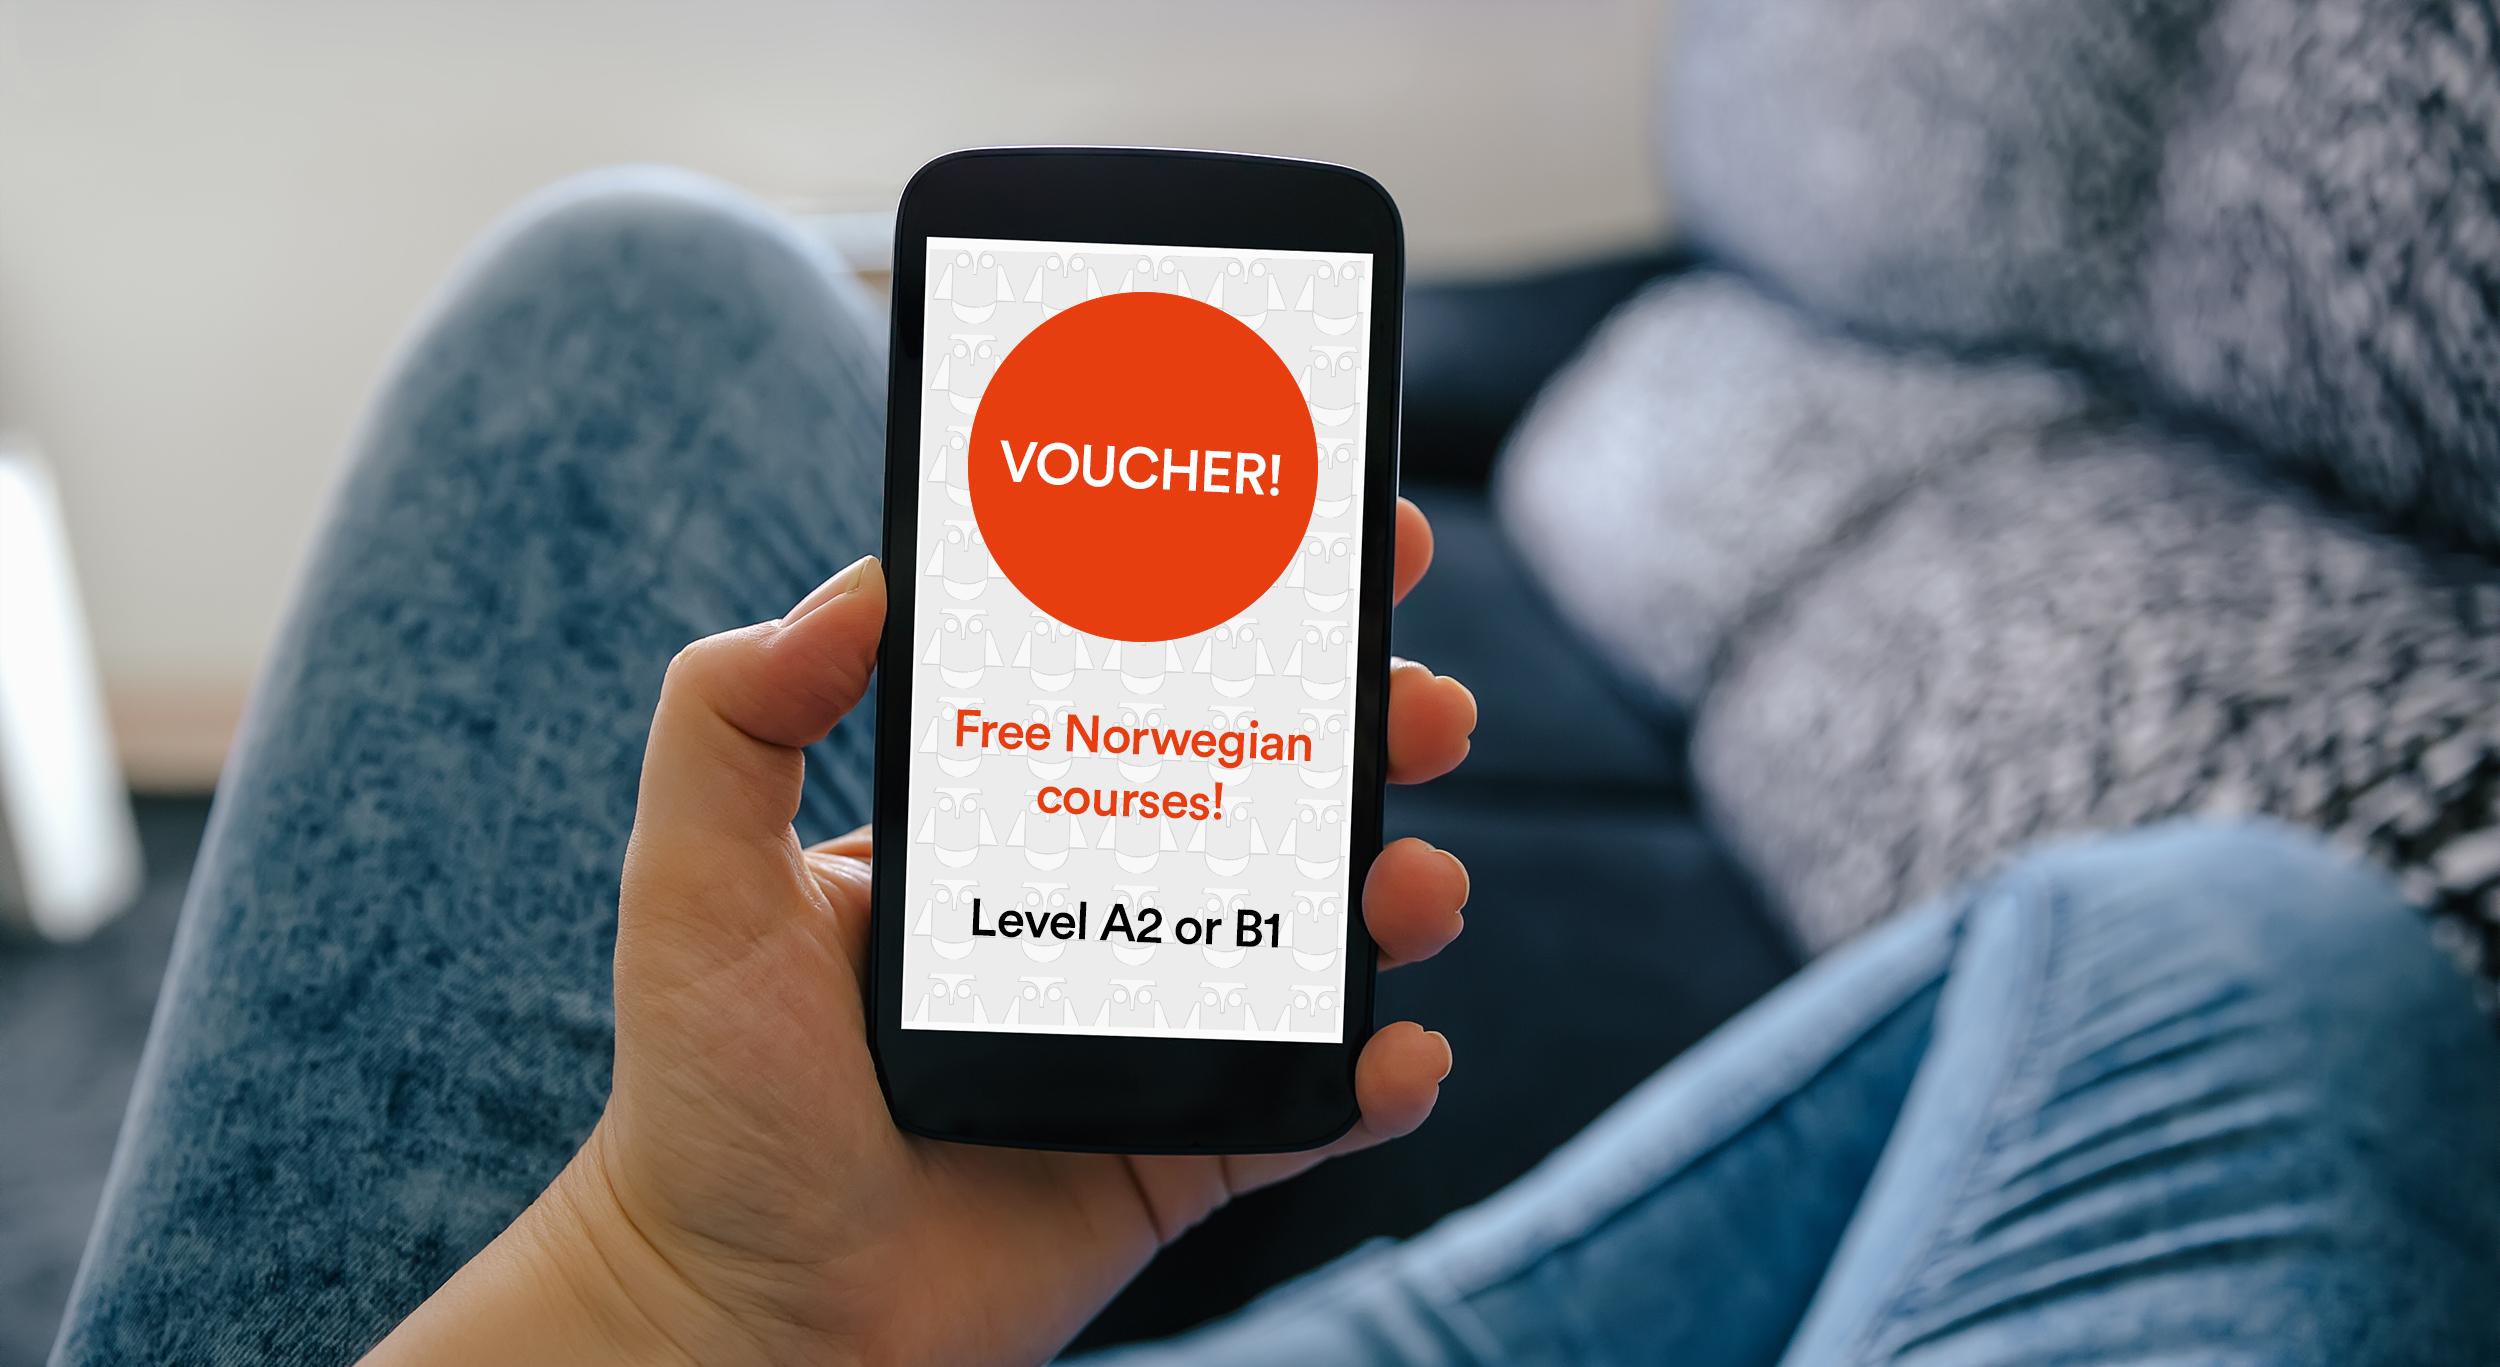 voucher for free courses in Norwegian